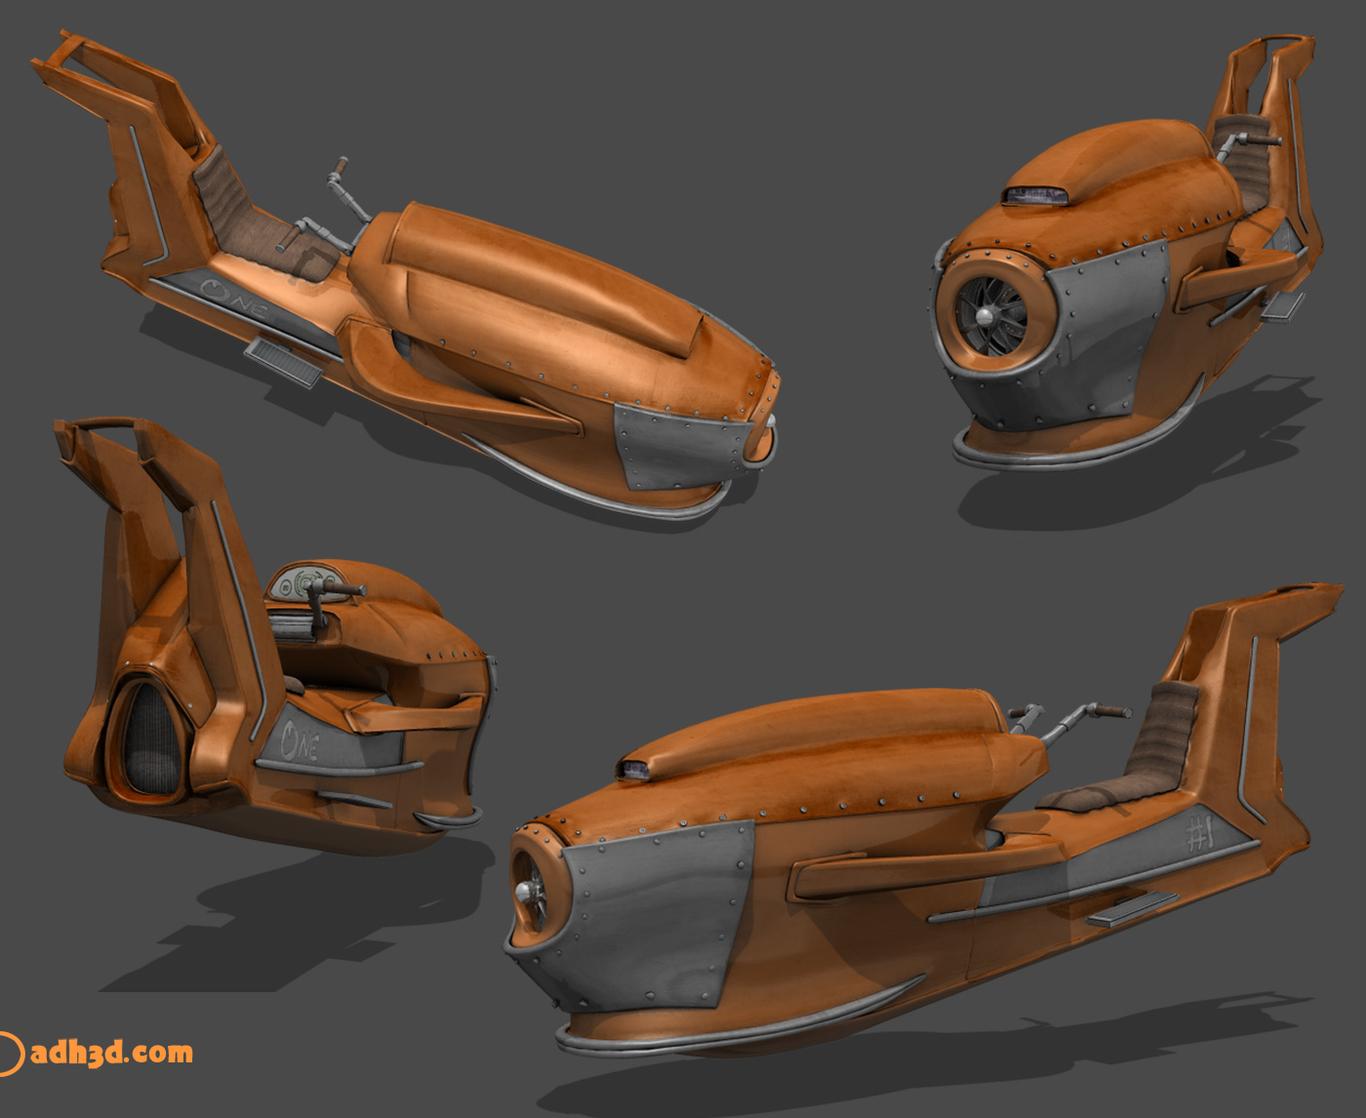 Adh3d jetbike 1 1033c96b jnmg